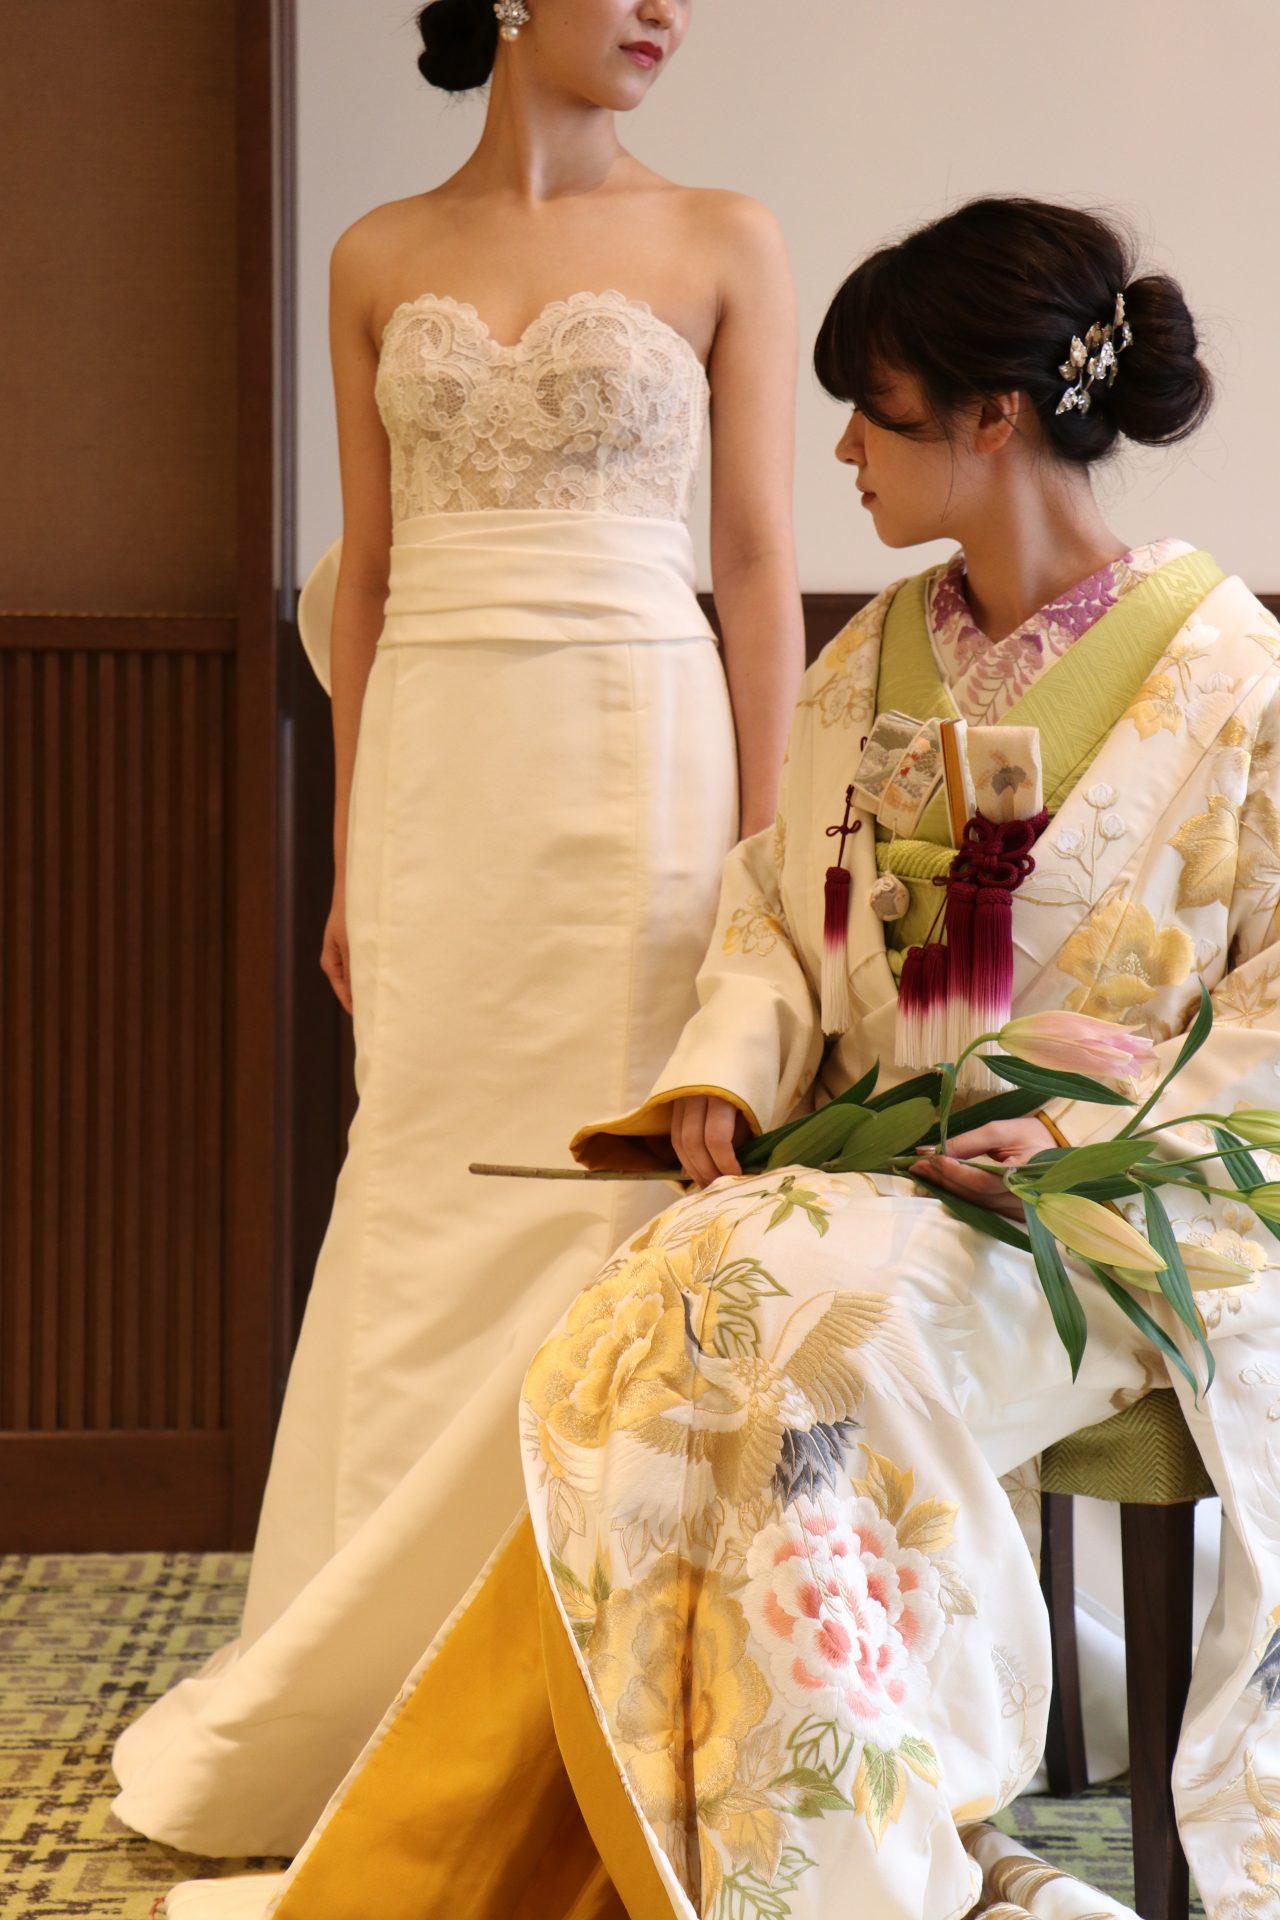 ウェディングドレスとお色直し色打掛のコーディネート